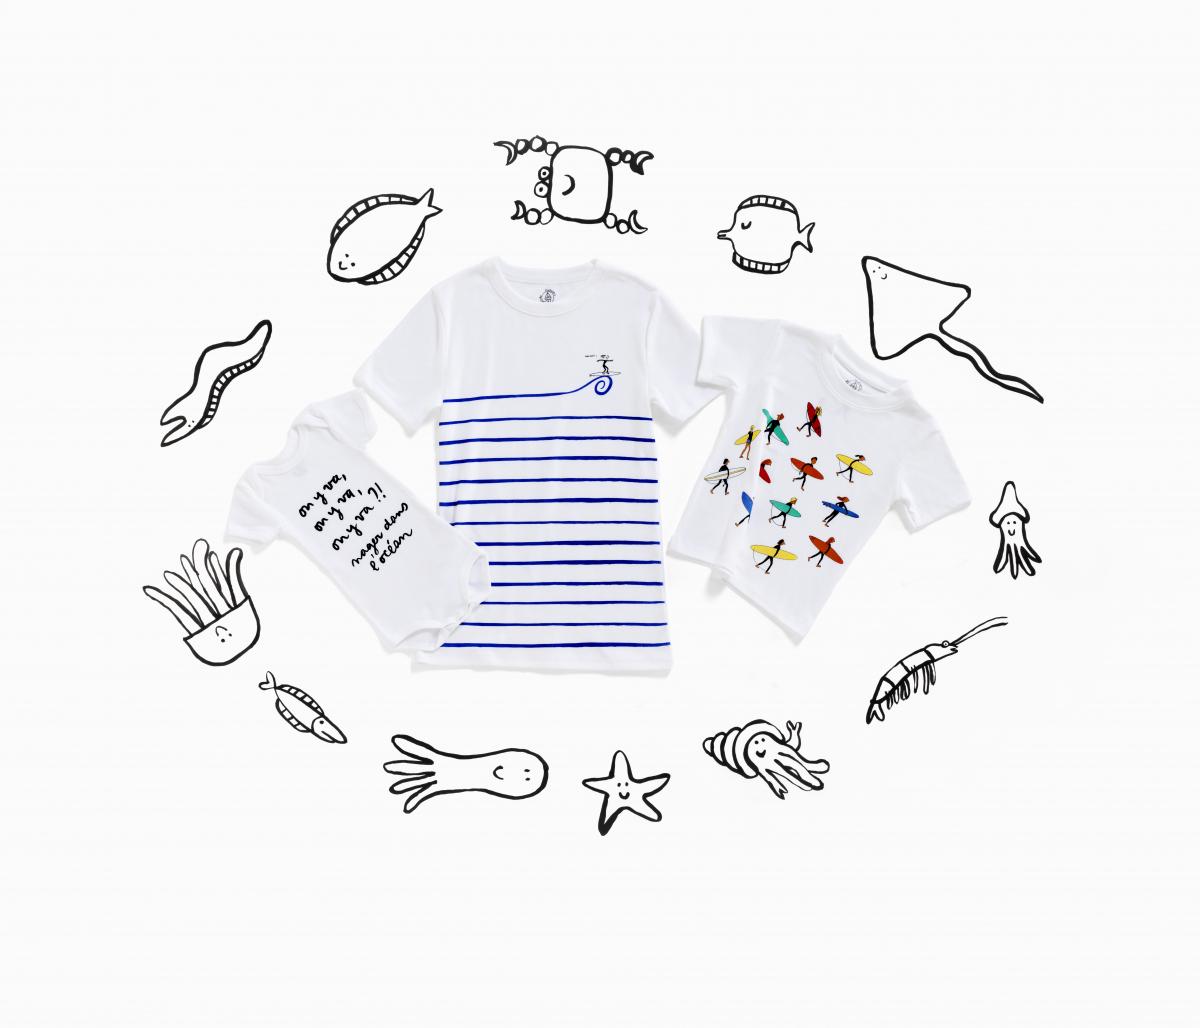 (左から)半袖ボディ3枚組(ベビー)¥4,950、Tシャツ(大人)¥6,050、Tシャツ(キッズ)¥4,400〜¥4,950/プチバトー・カスタマーセンター